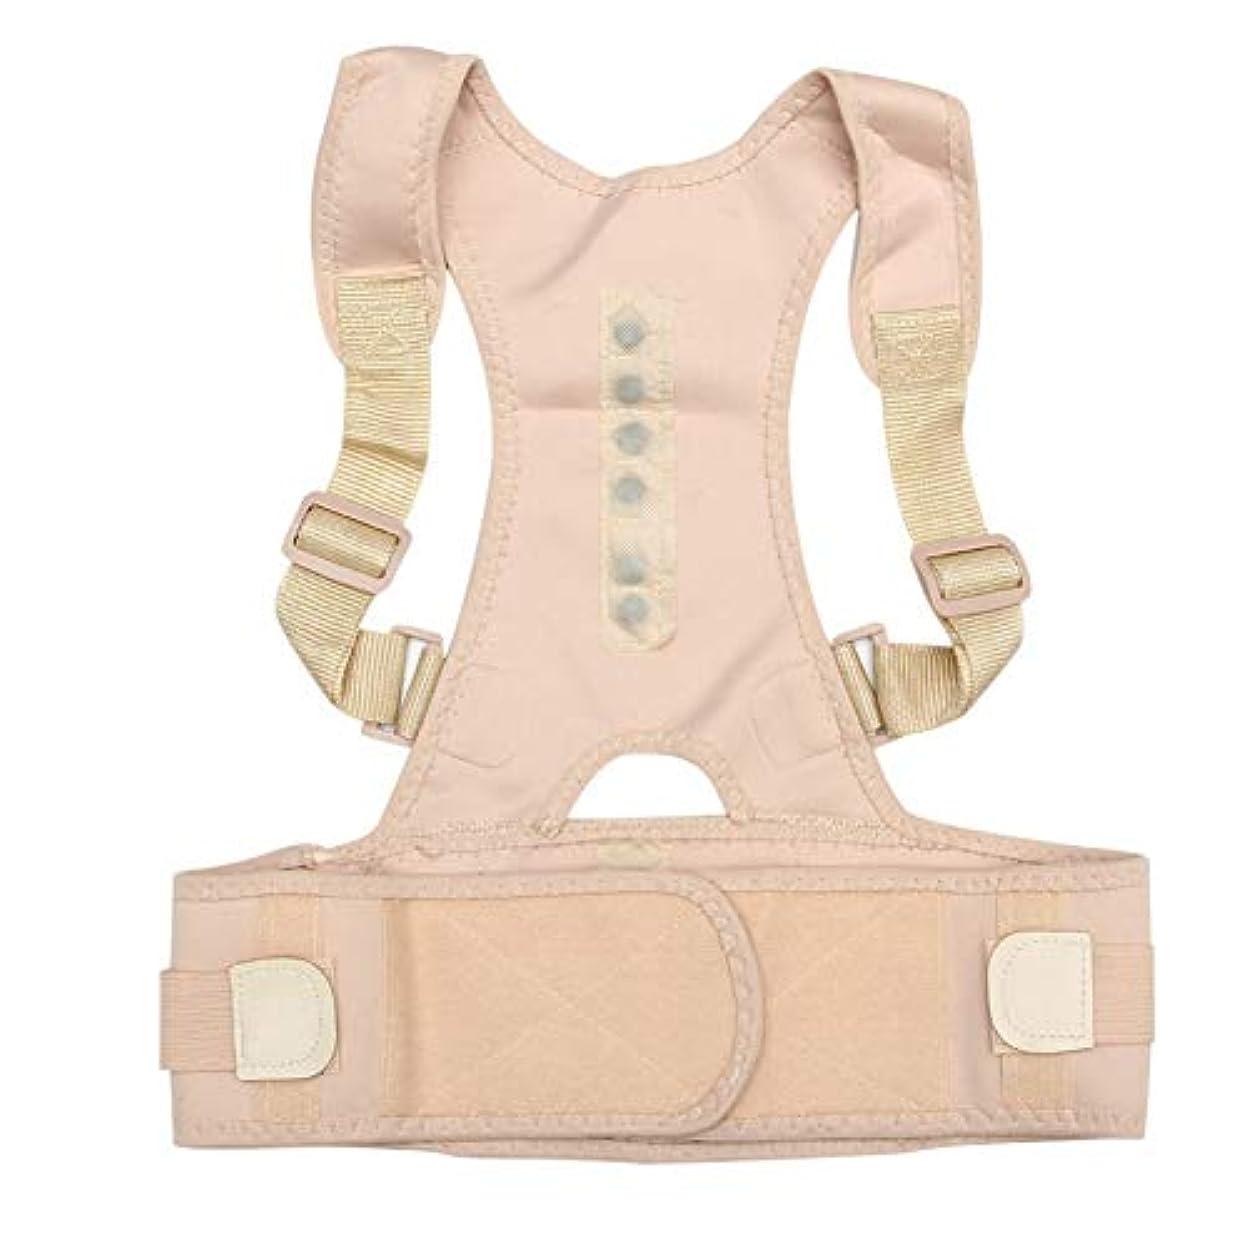 踊り子暖かく崇拝するお座り姿勢コレクター調整可能磁気シェイプボディショルダーブレースベルトの男性と女性戻る椎骨正しいセラピーすべての市 (Color : B, Size : S)